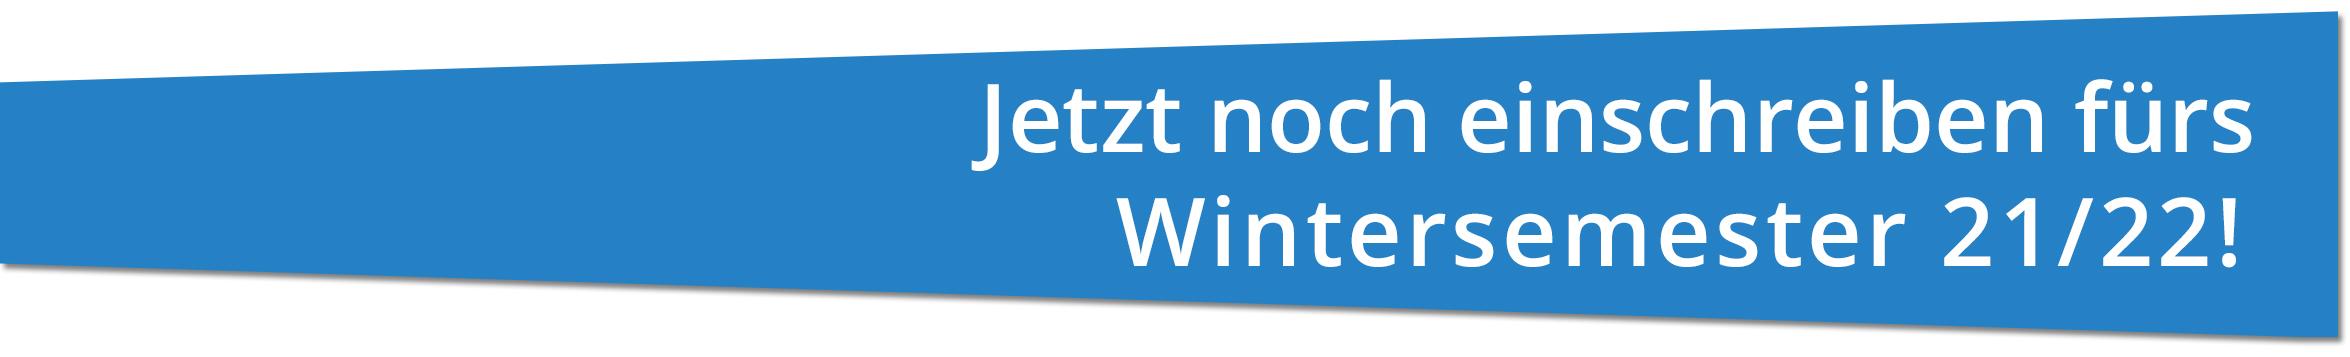 Jetzt noch bewerben fürs Wintersemester 20/21